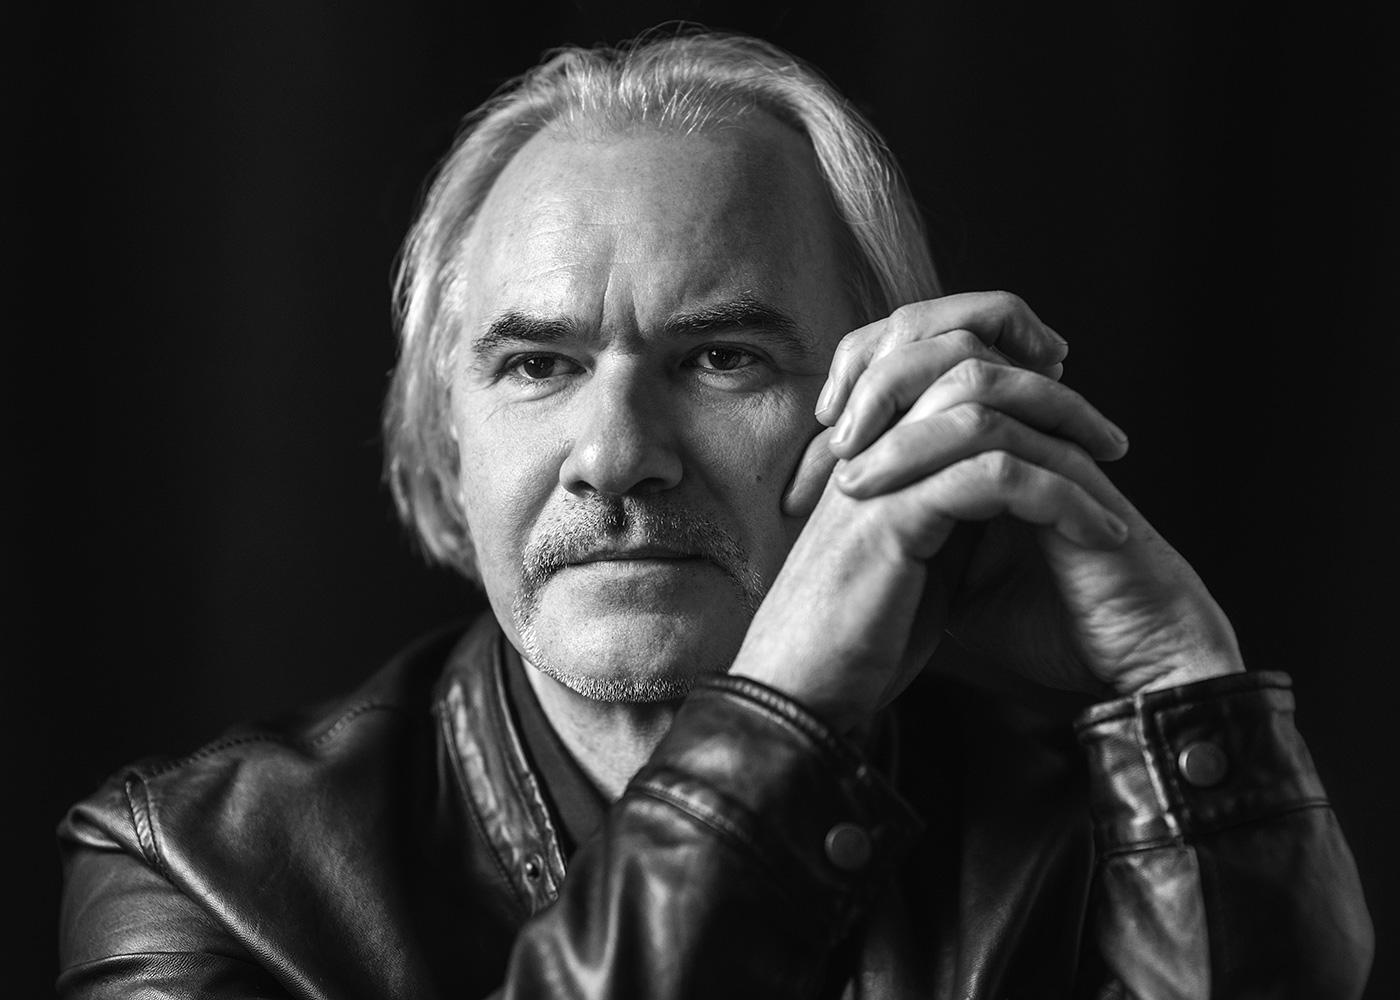 Олег Короткевич - художник-постановник, сценограф